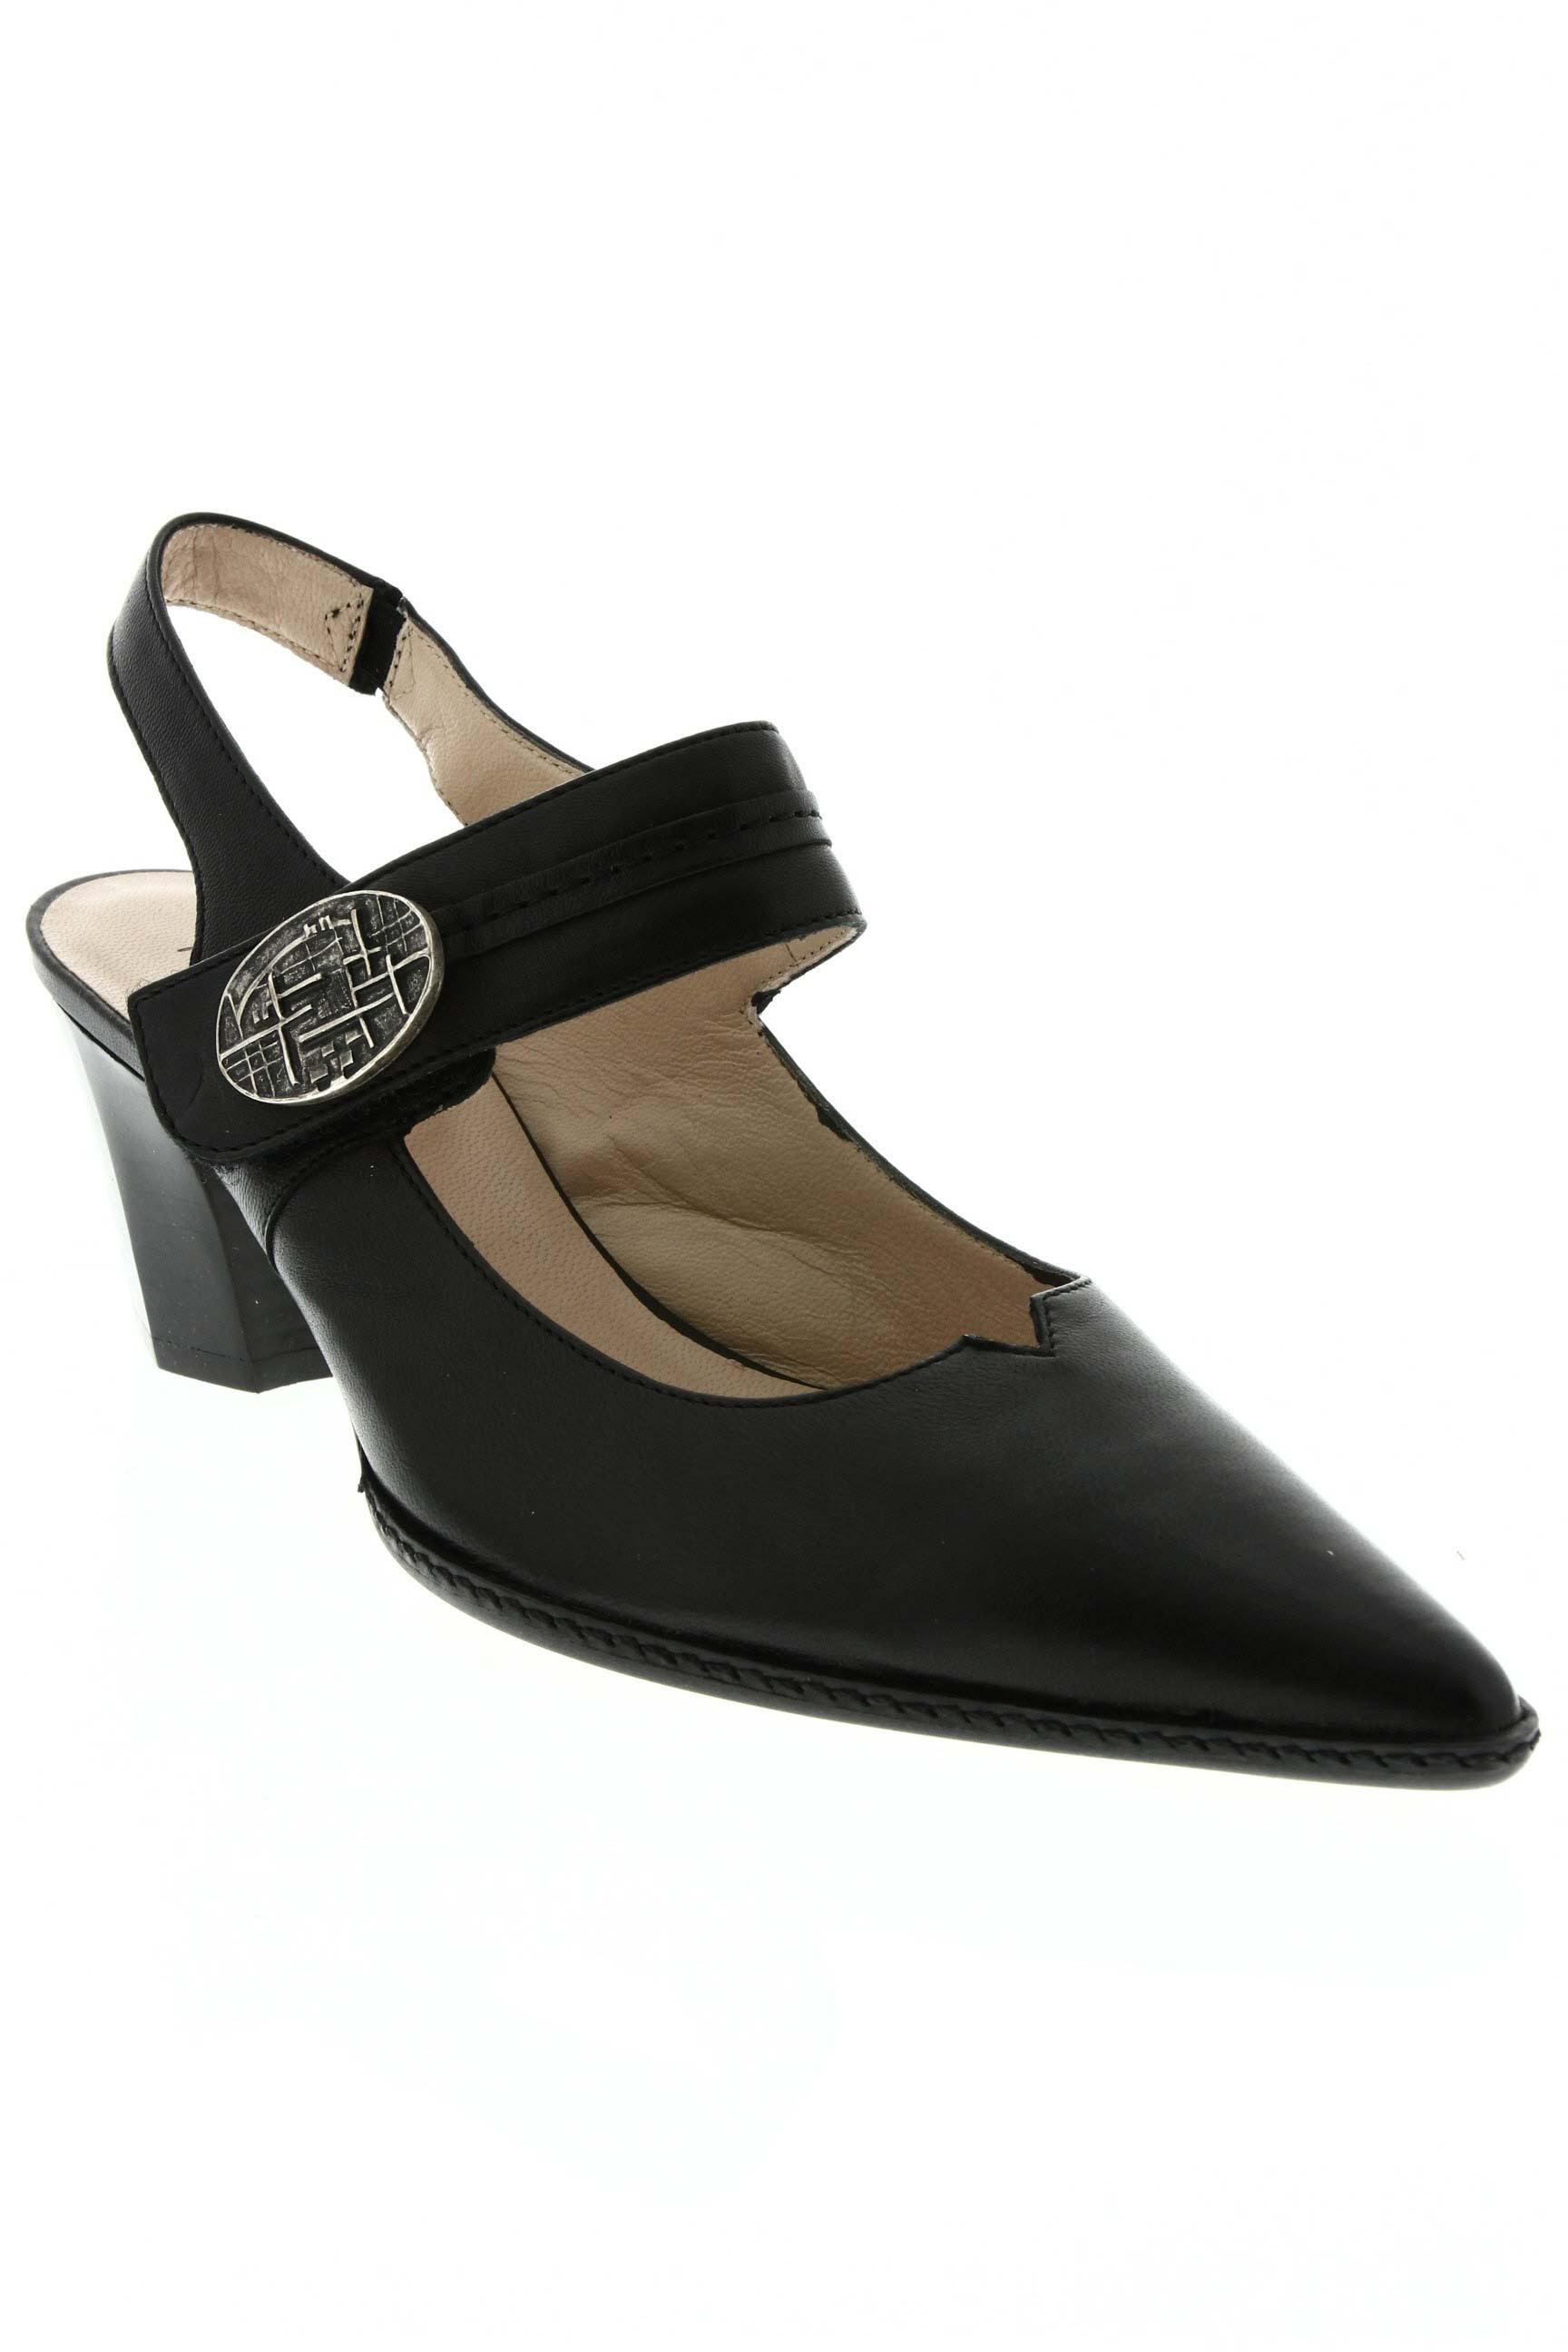 Escarpins femme France Mode noir taille : 37 1/2 69 FR (FR)